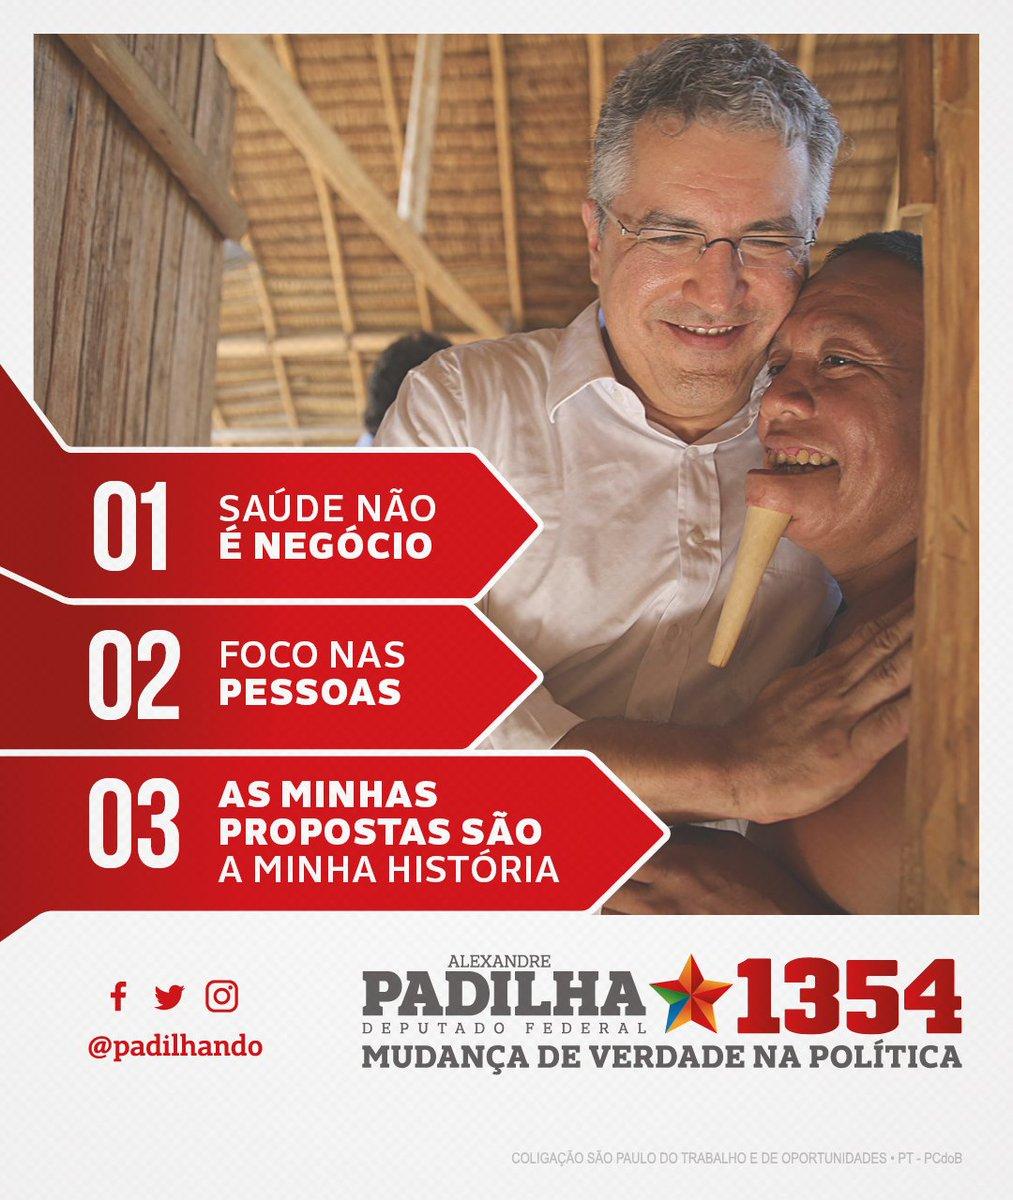 As minhas propostas são o resultado da minha história na defesa de um Brasil mais justo. Quero continuar defendendo a saúde para todos, sem negócio, sem exclusão. Mudar de verdade a política é enfrentar os problemas e gerar resultados. #HaddadÉLula #Padilha1354 #MudançaDeVerdade